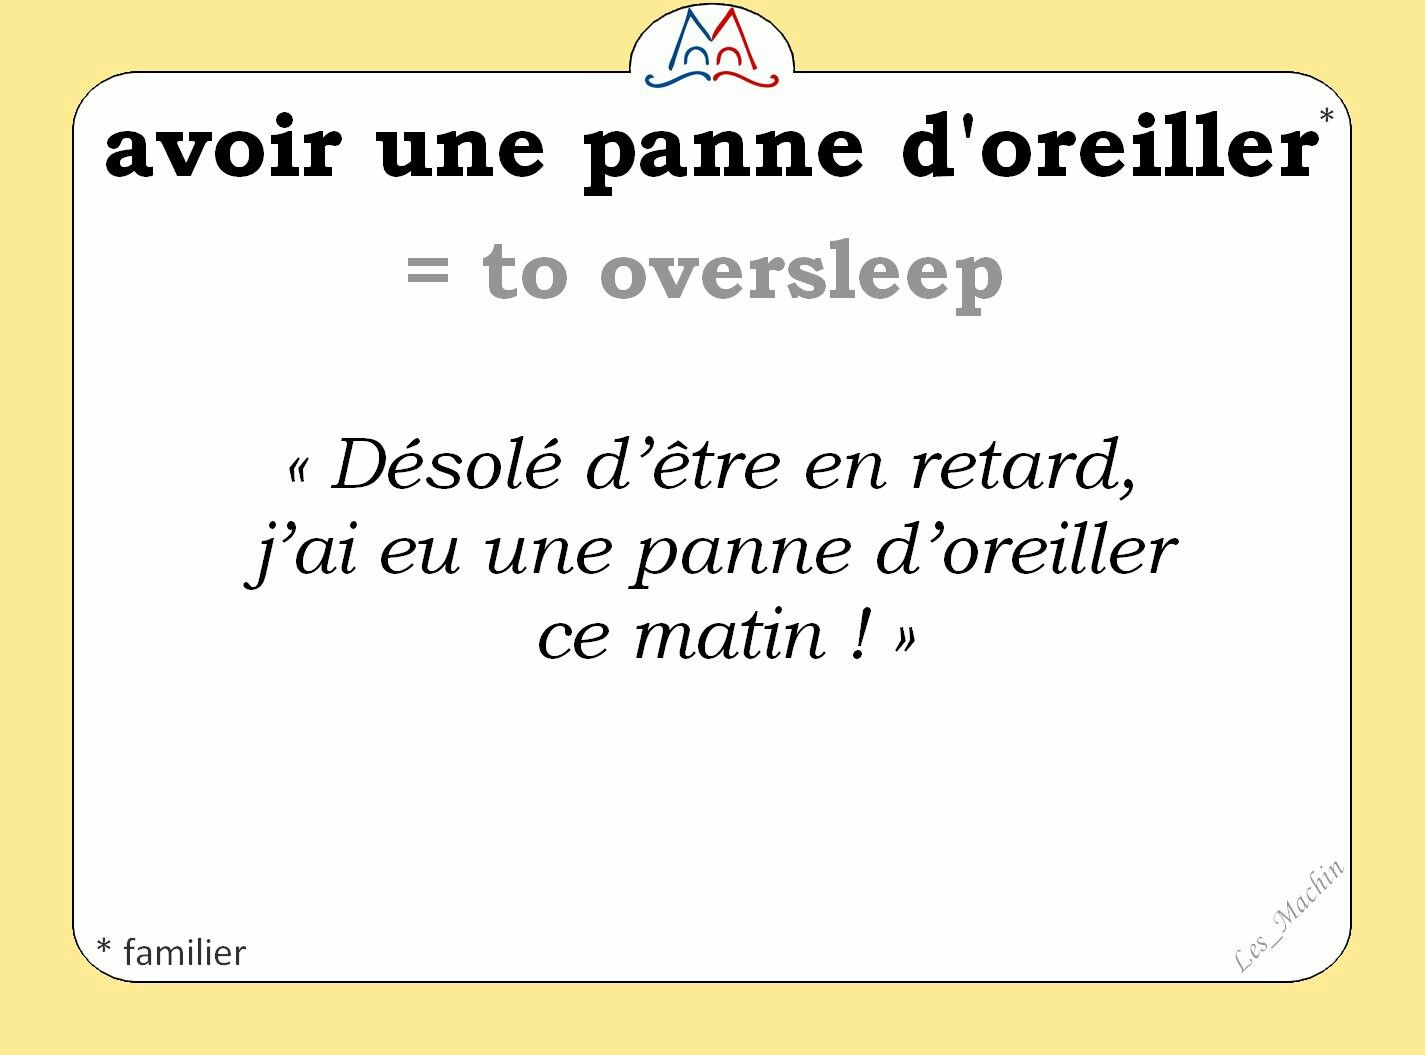 panne d oreiller avoir une panne d' oreiller   French   Pinterest   French  panne d oreiller